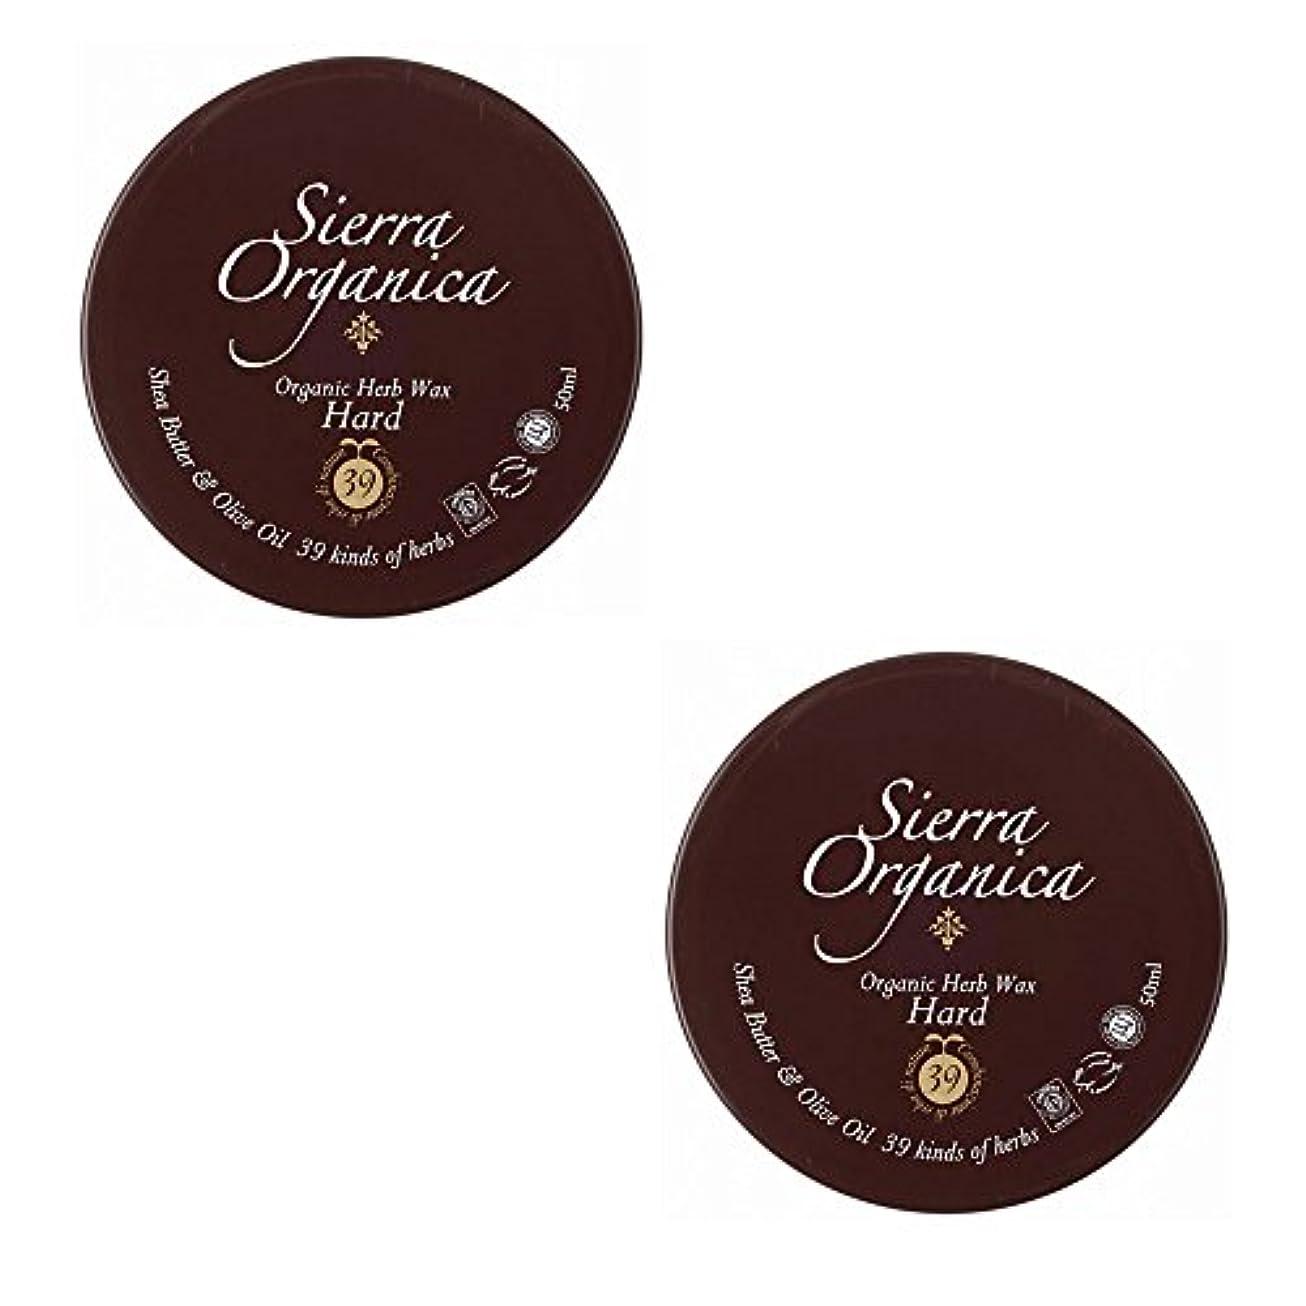 有名シリング森林シエラオーガニカ S&O オーガニックハーブワックス ハード 50ml 2個セット